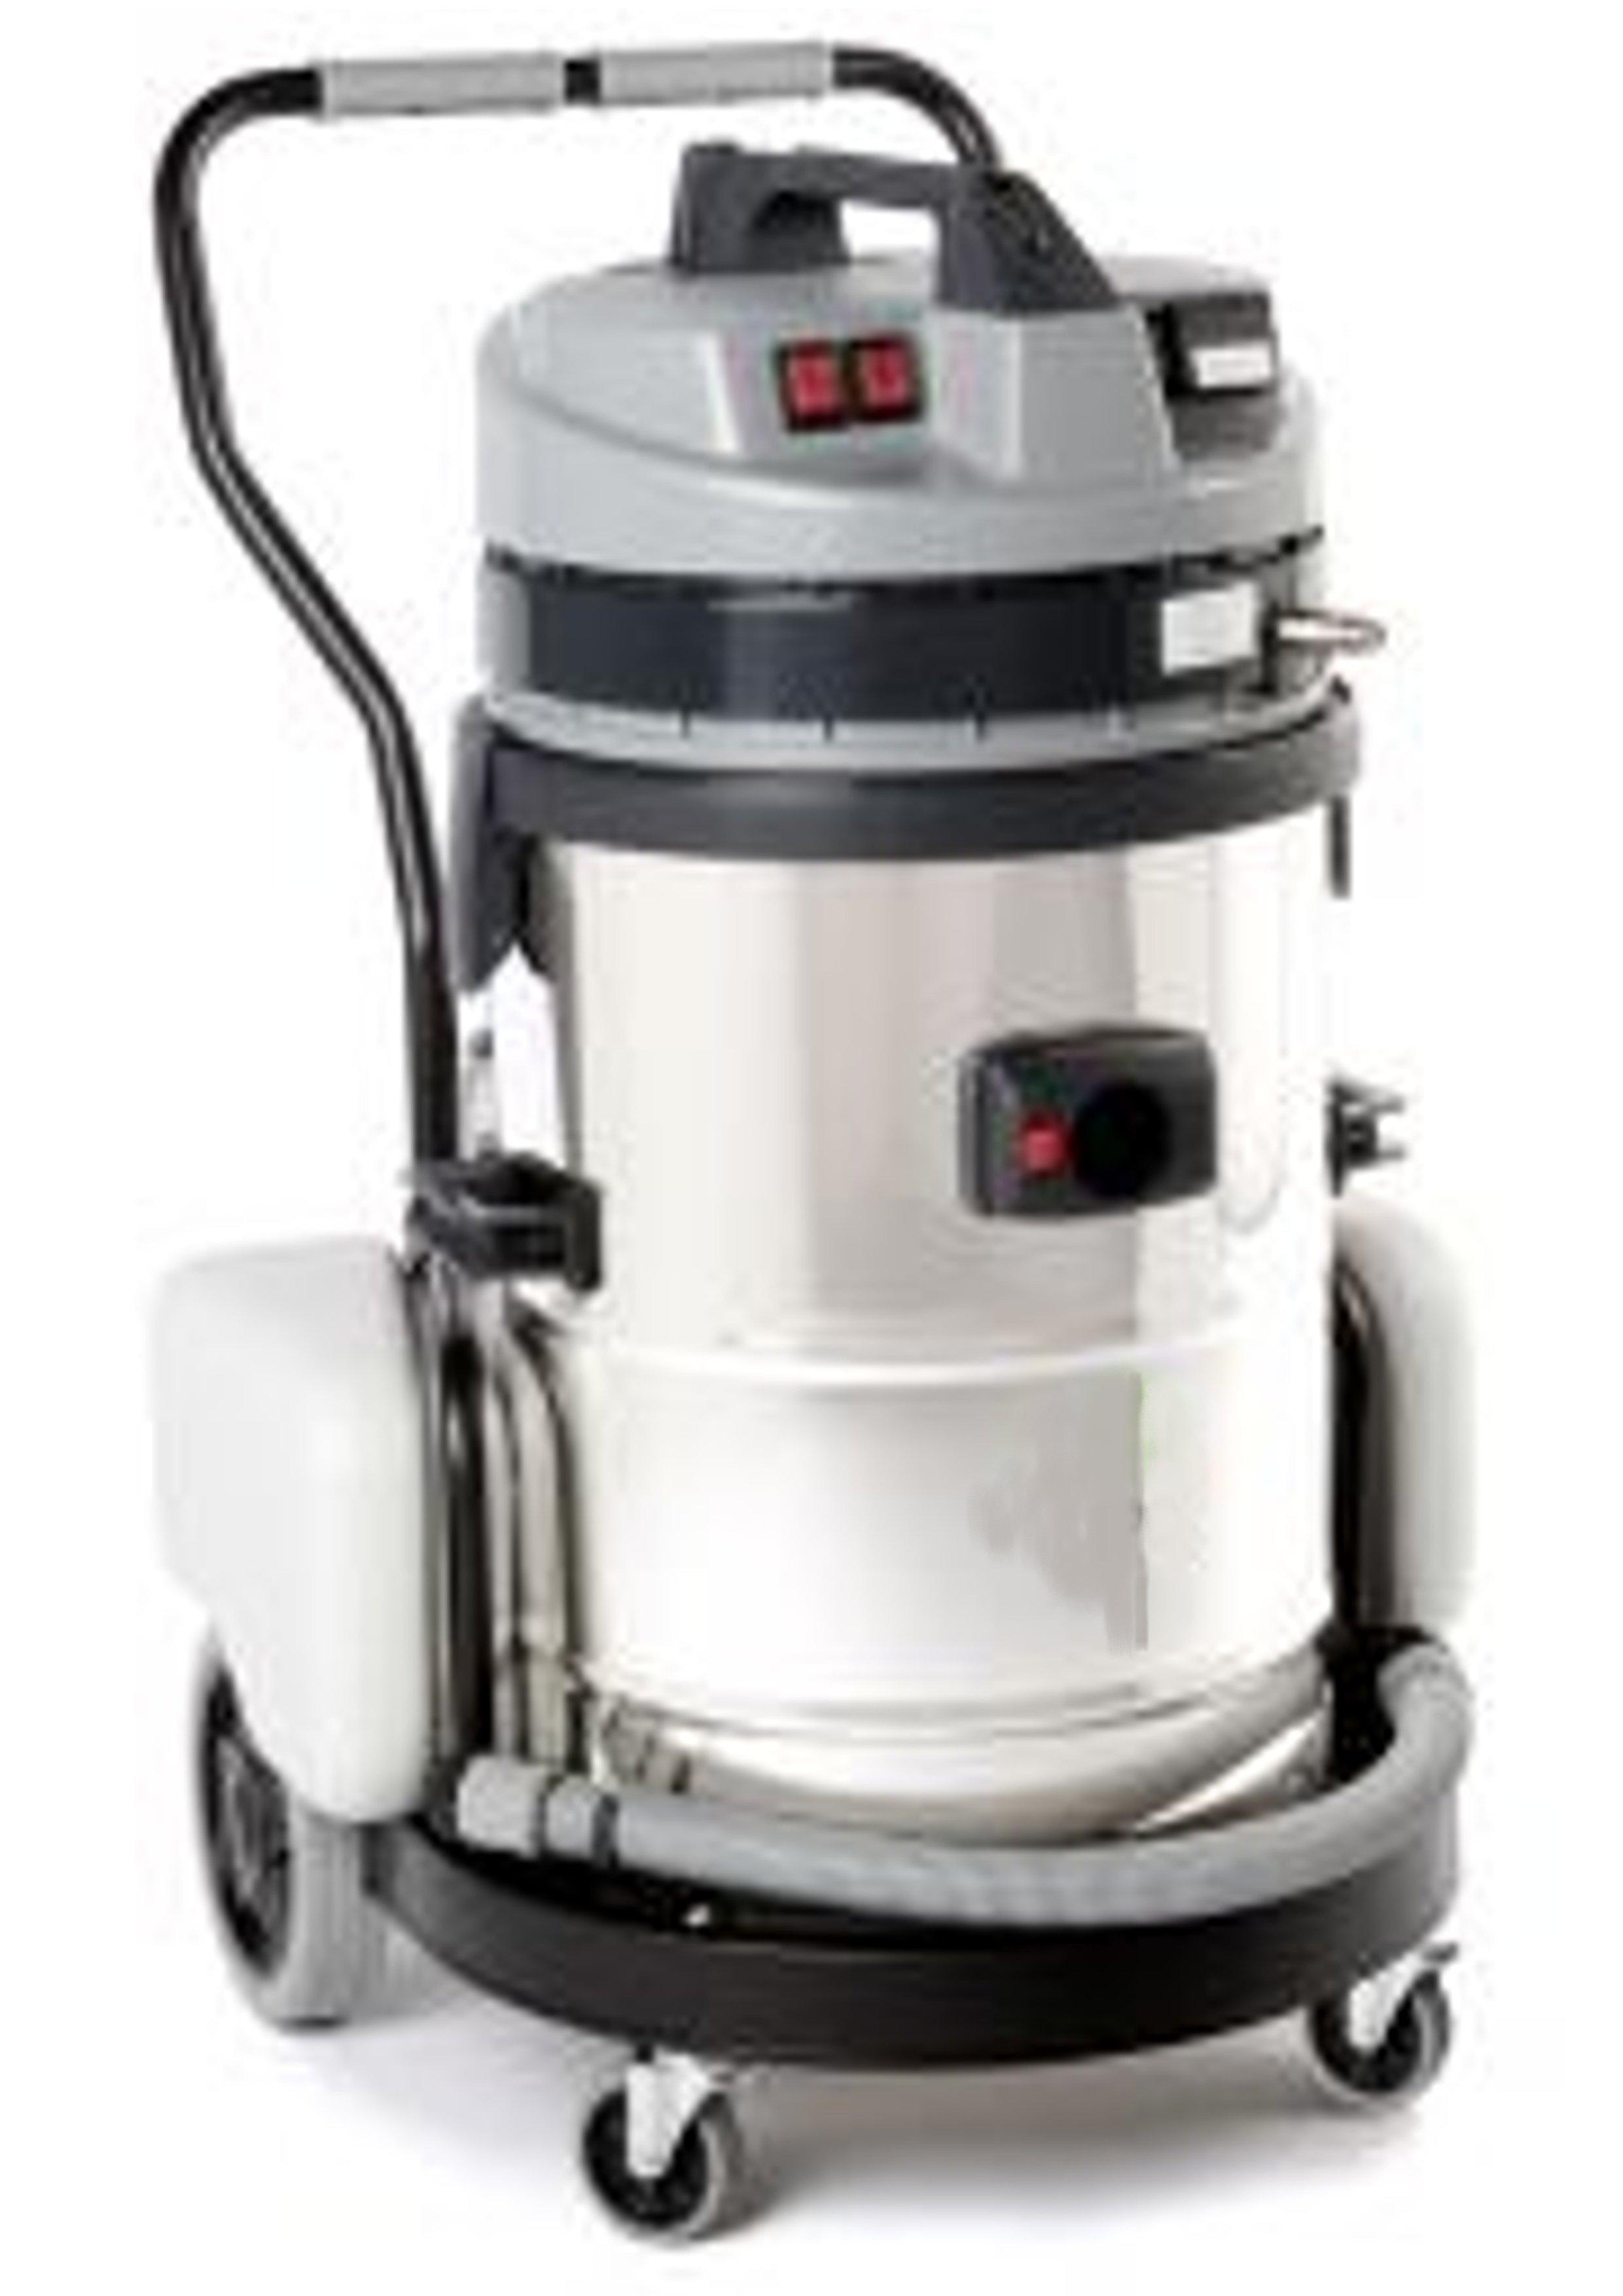 Maquina limpiadora corregiT 2.jpeg